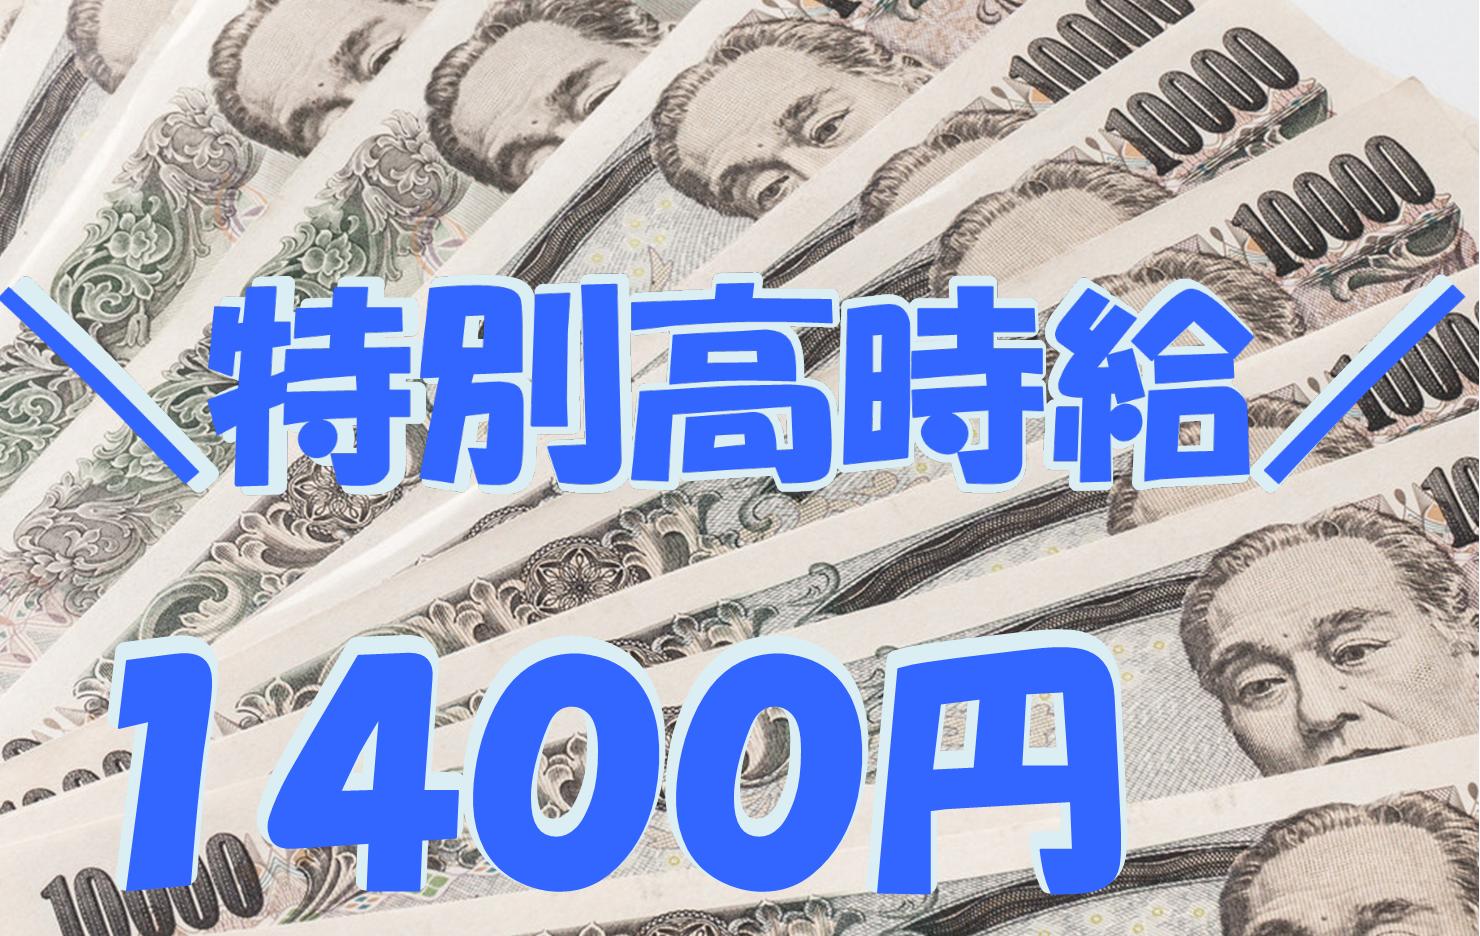 時給1,400円~!! 郡山市でガラス繊維巻取り作業 30代男性活躍中! イメージ